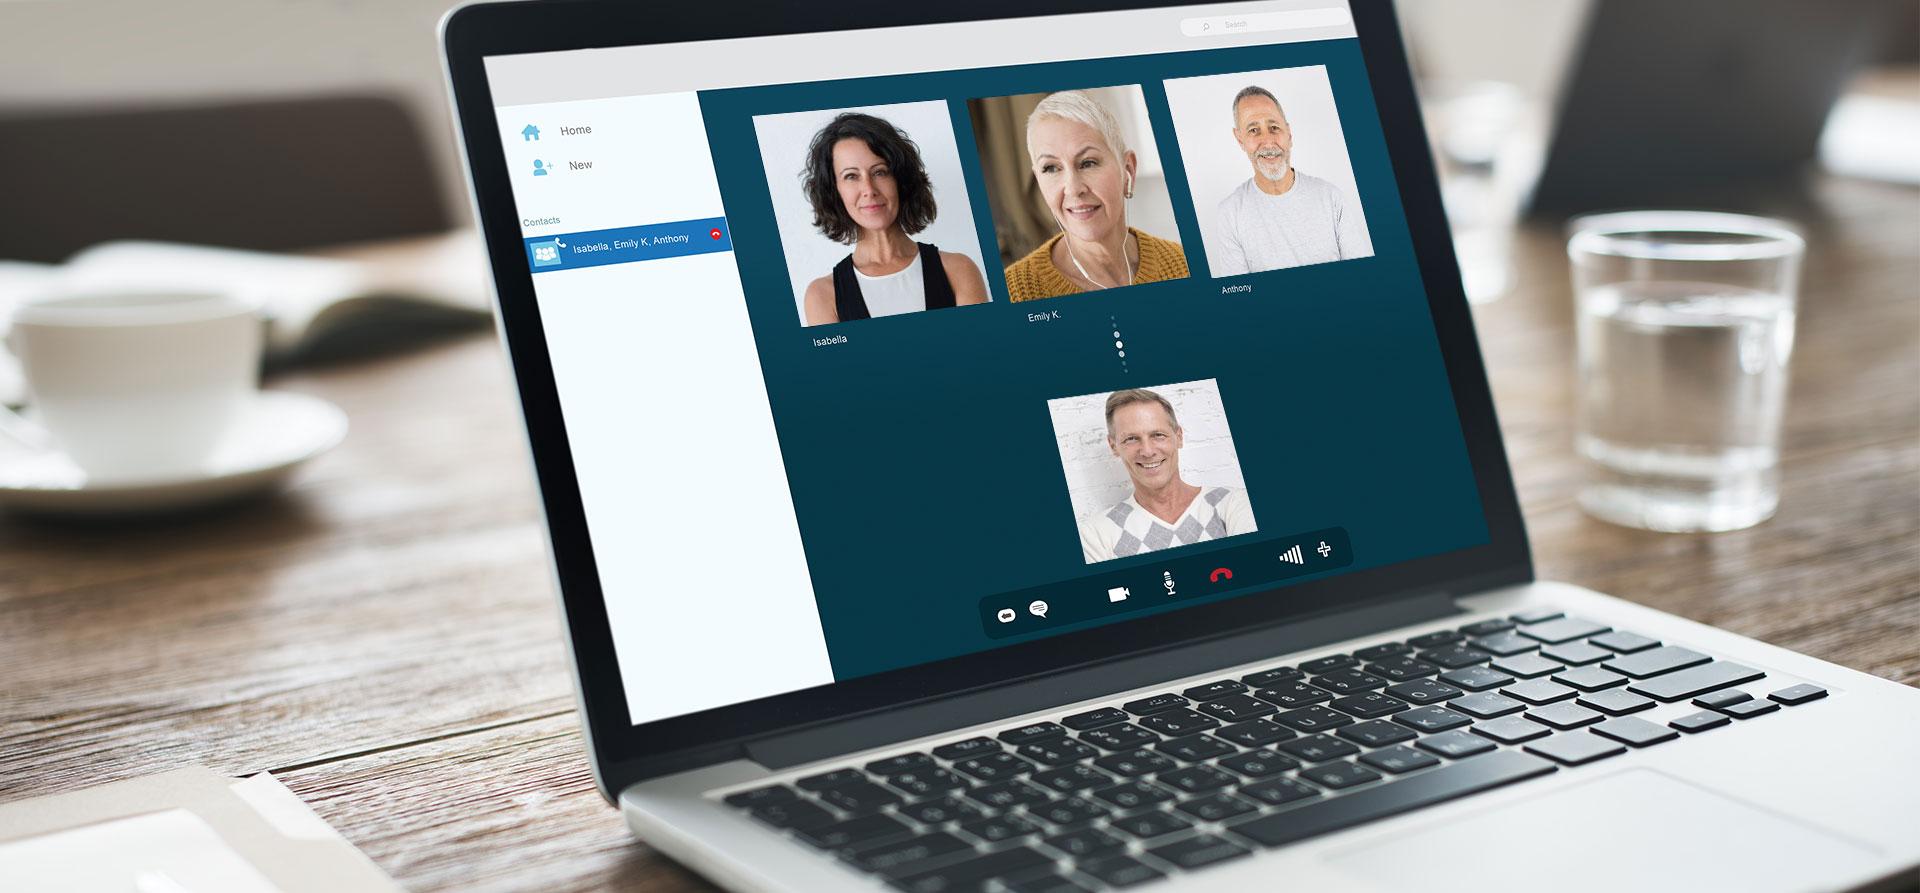 Kan årsmøtet i boligselskapet avholdes digitalt?